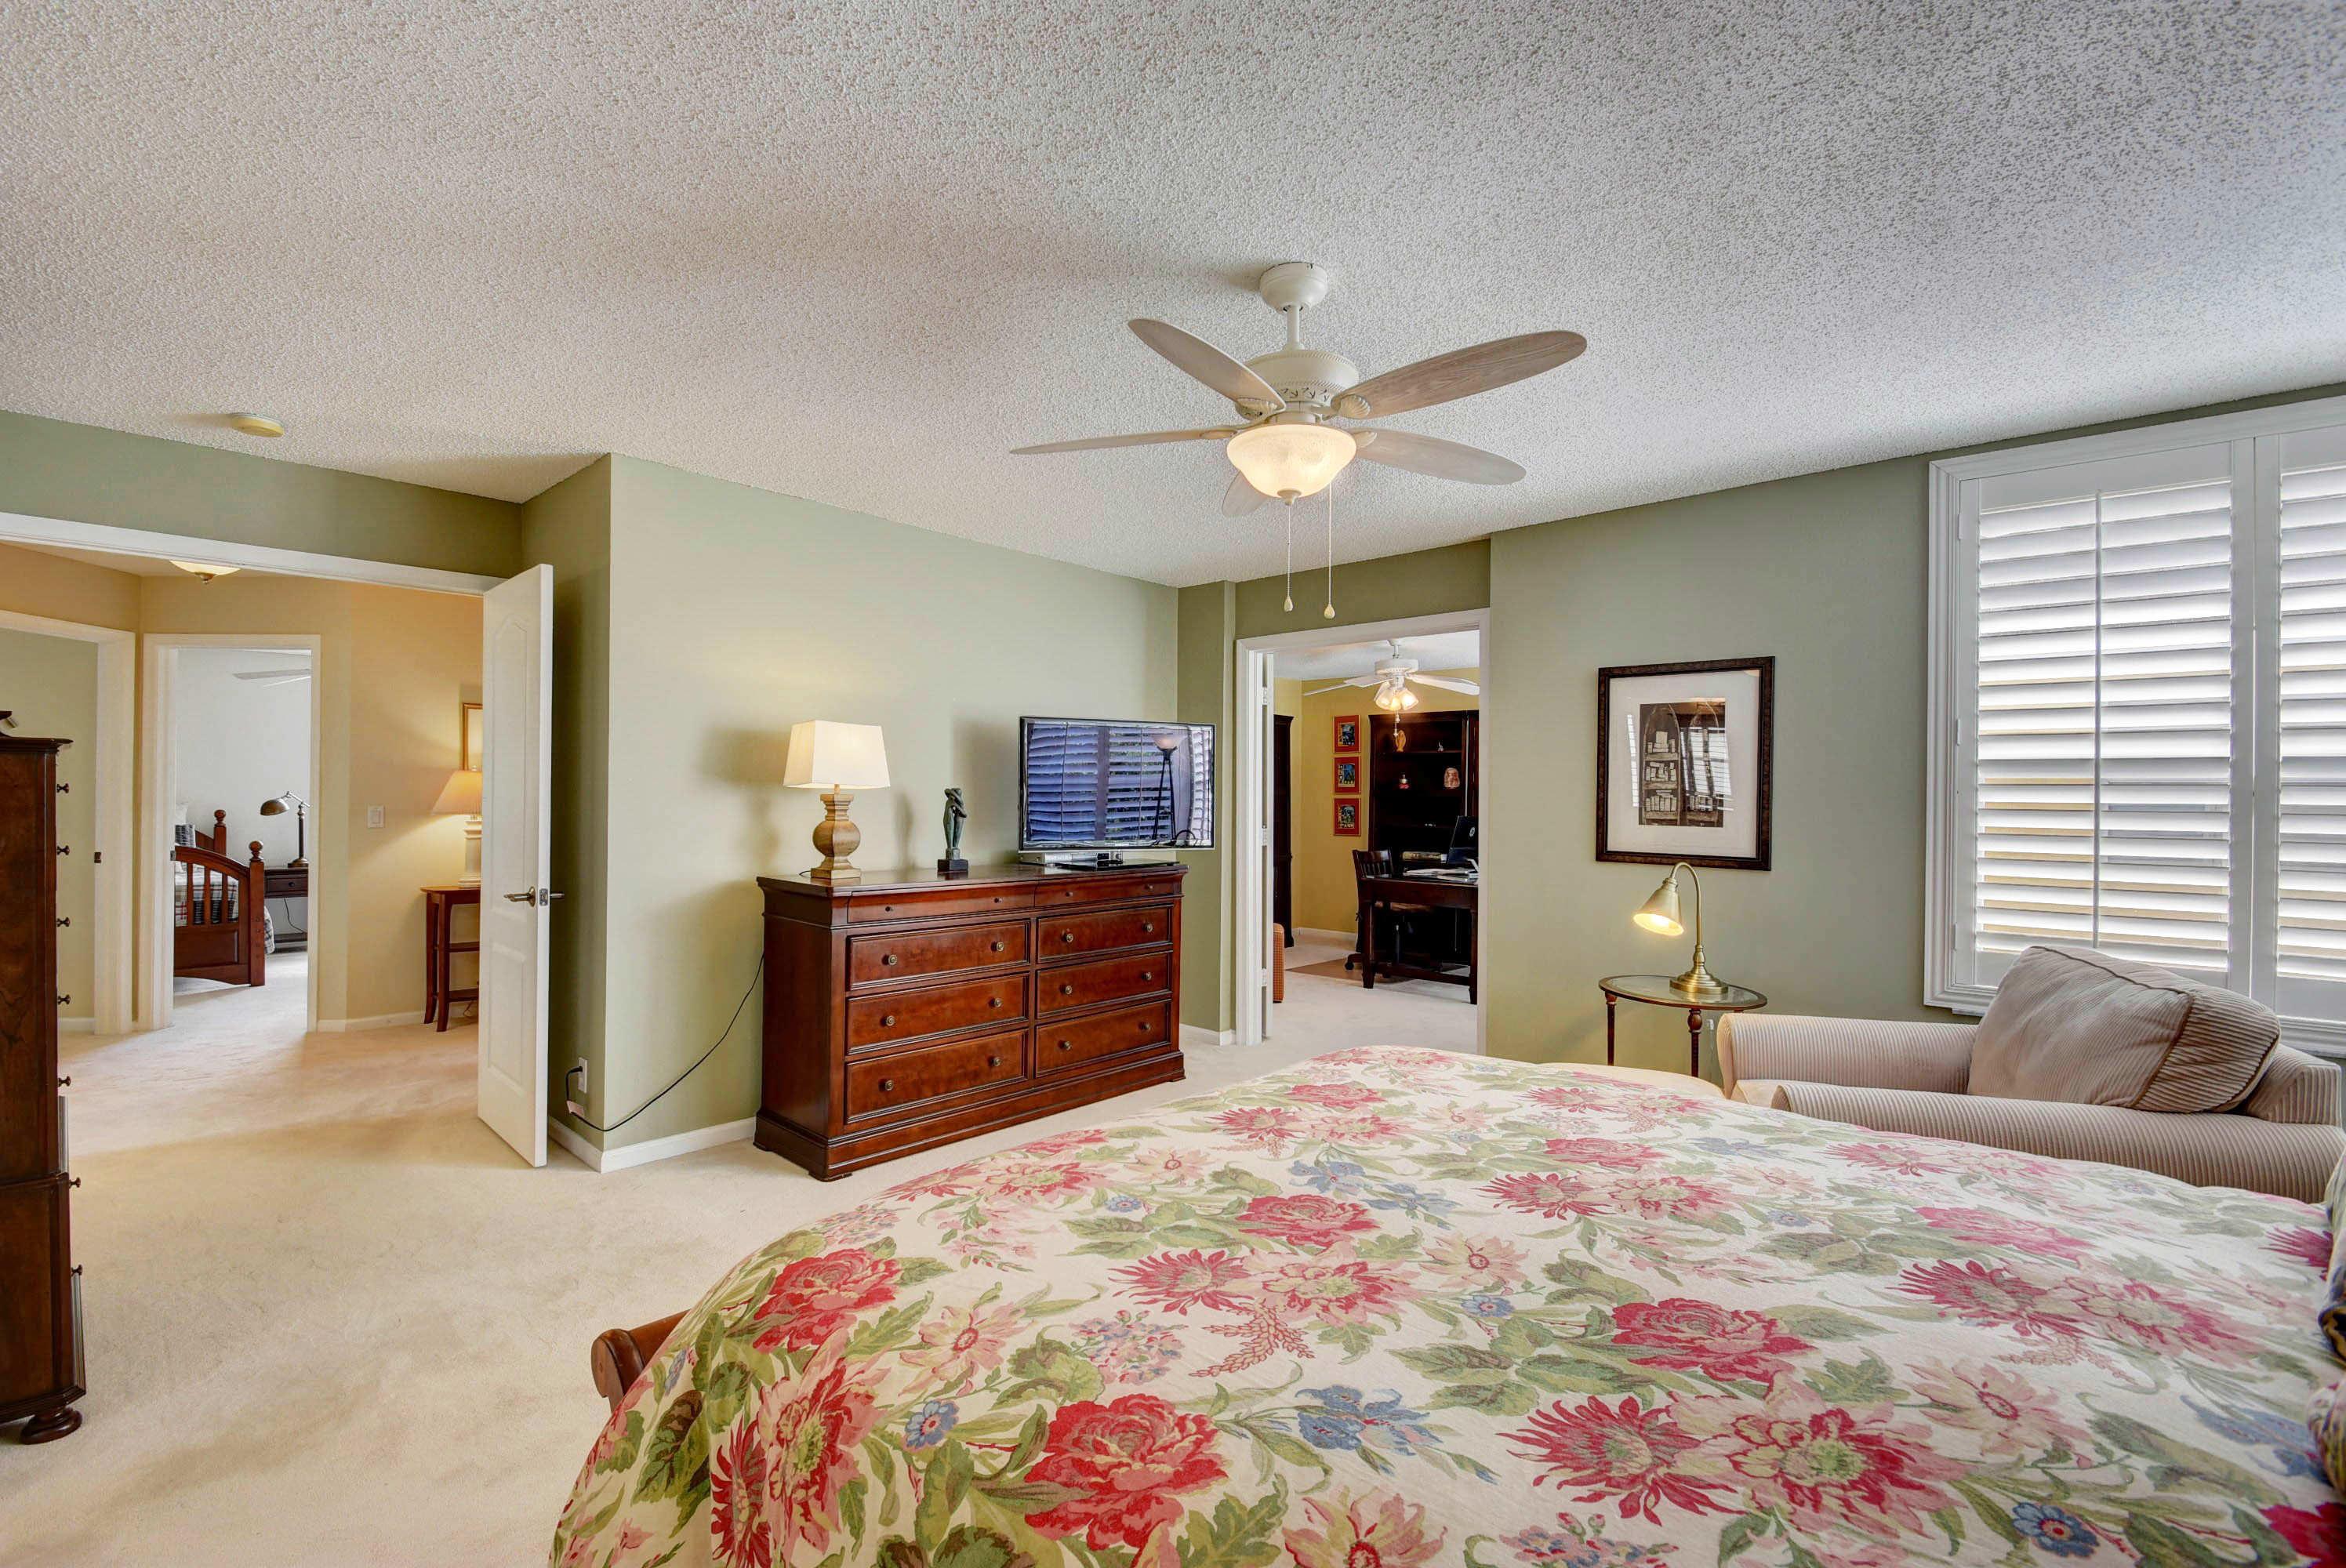 270 Kensington Way Royal Palm Beach, FL 33414 photo 26